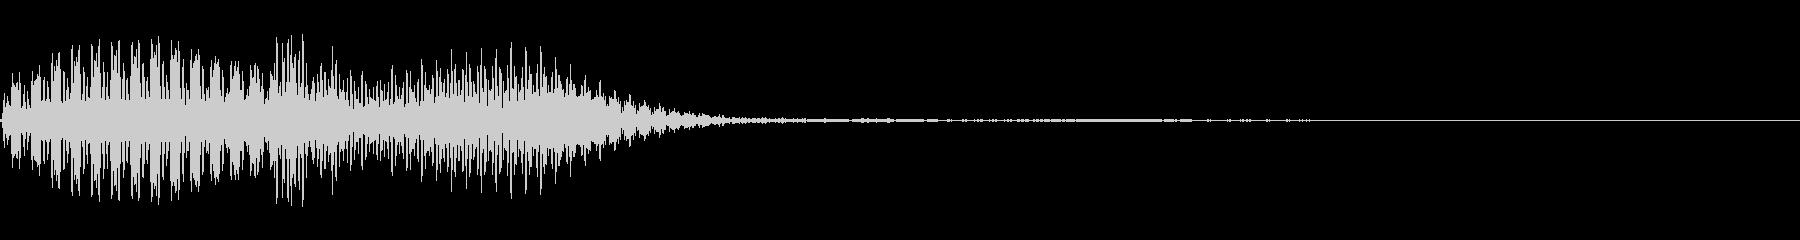 ピポ(カーソル・選択・決定音・シンセ)の未再生の波形